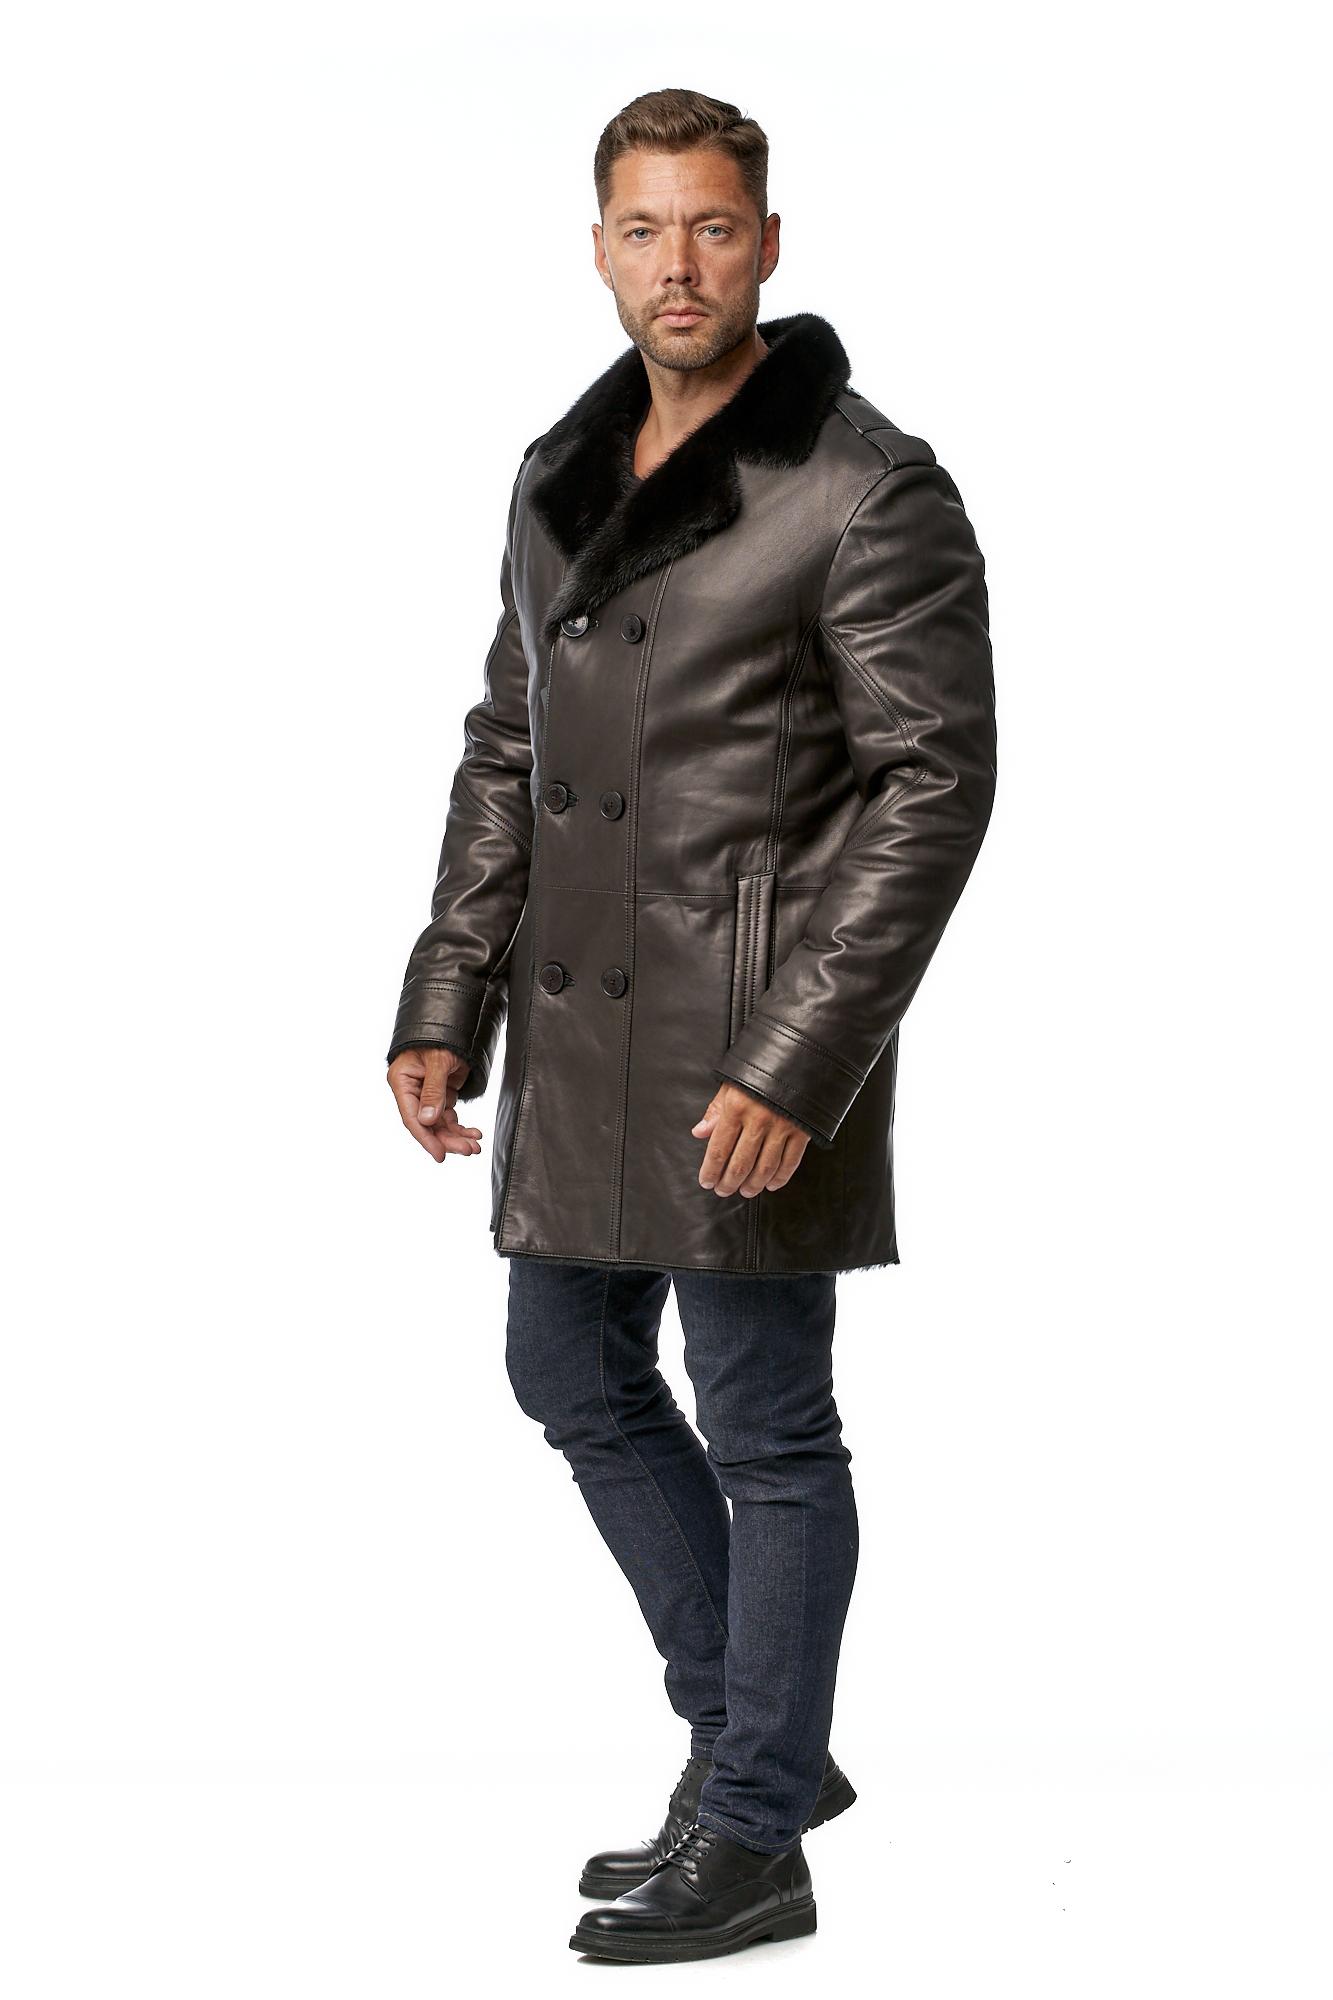 Мужское кожаное пальто из натуральной кожи на меху с воротником, отделка норка